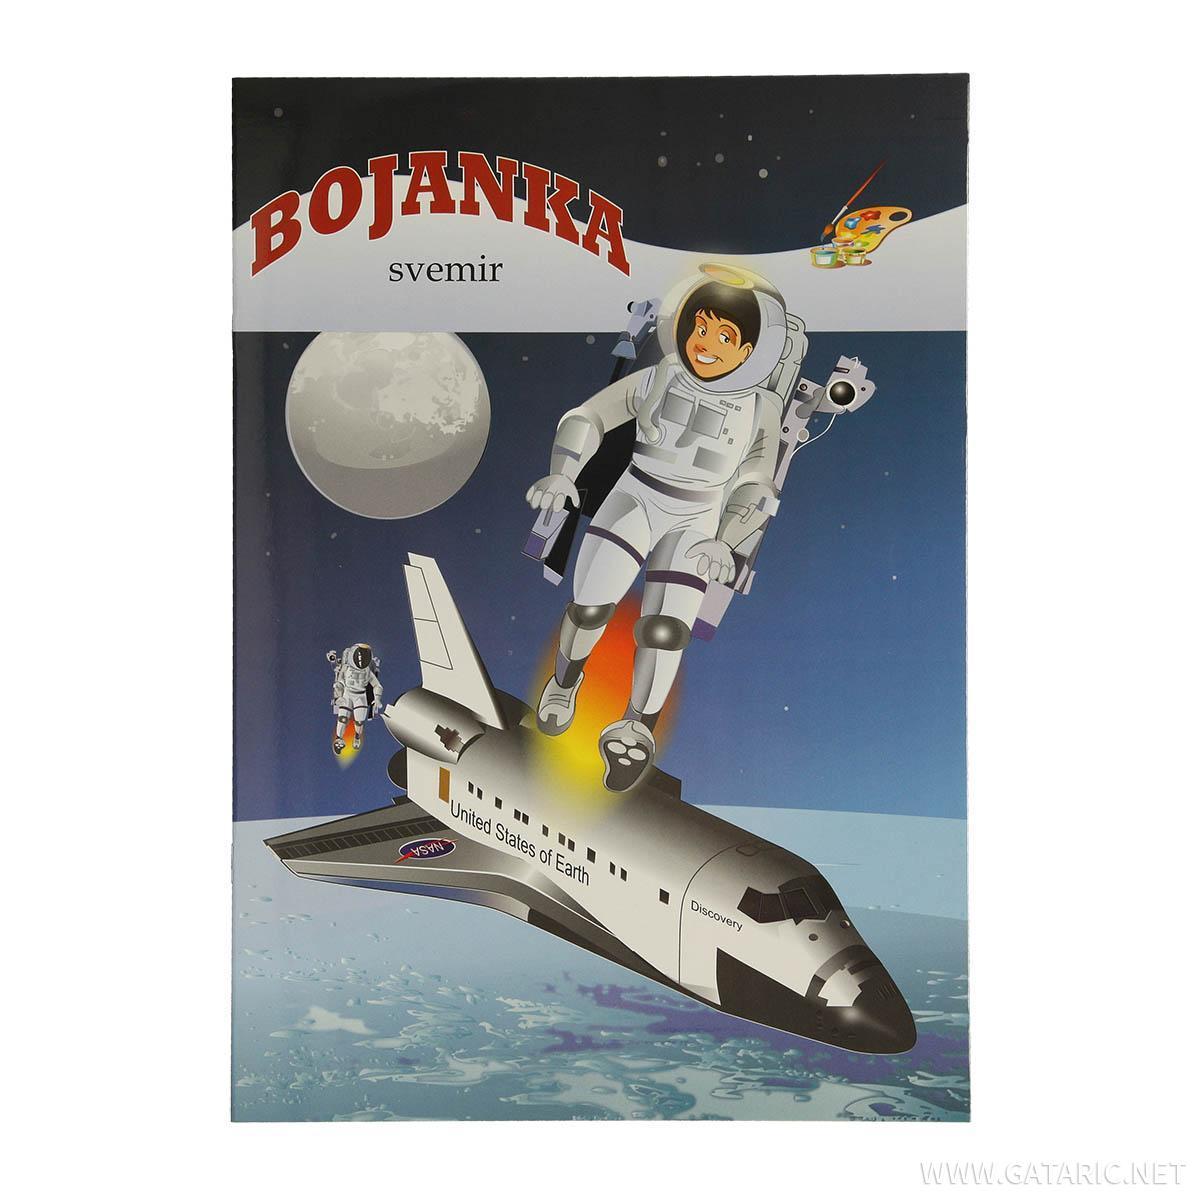 Bojanka ''Svemir''